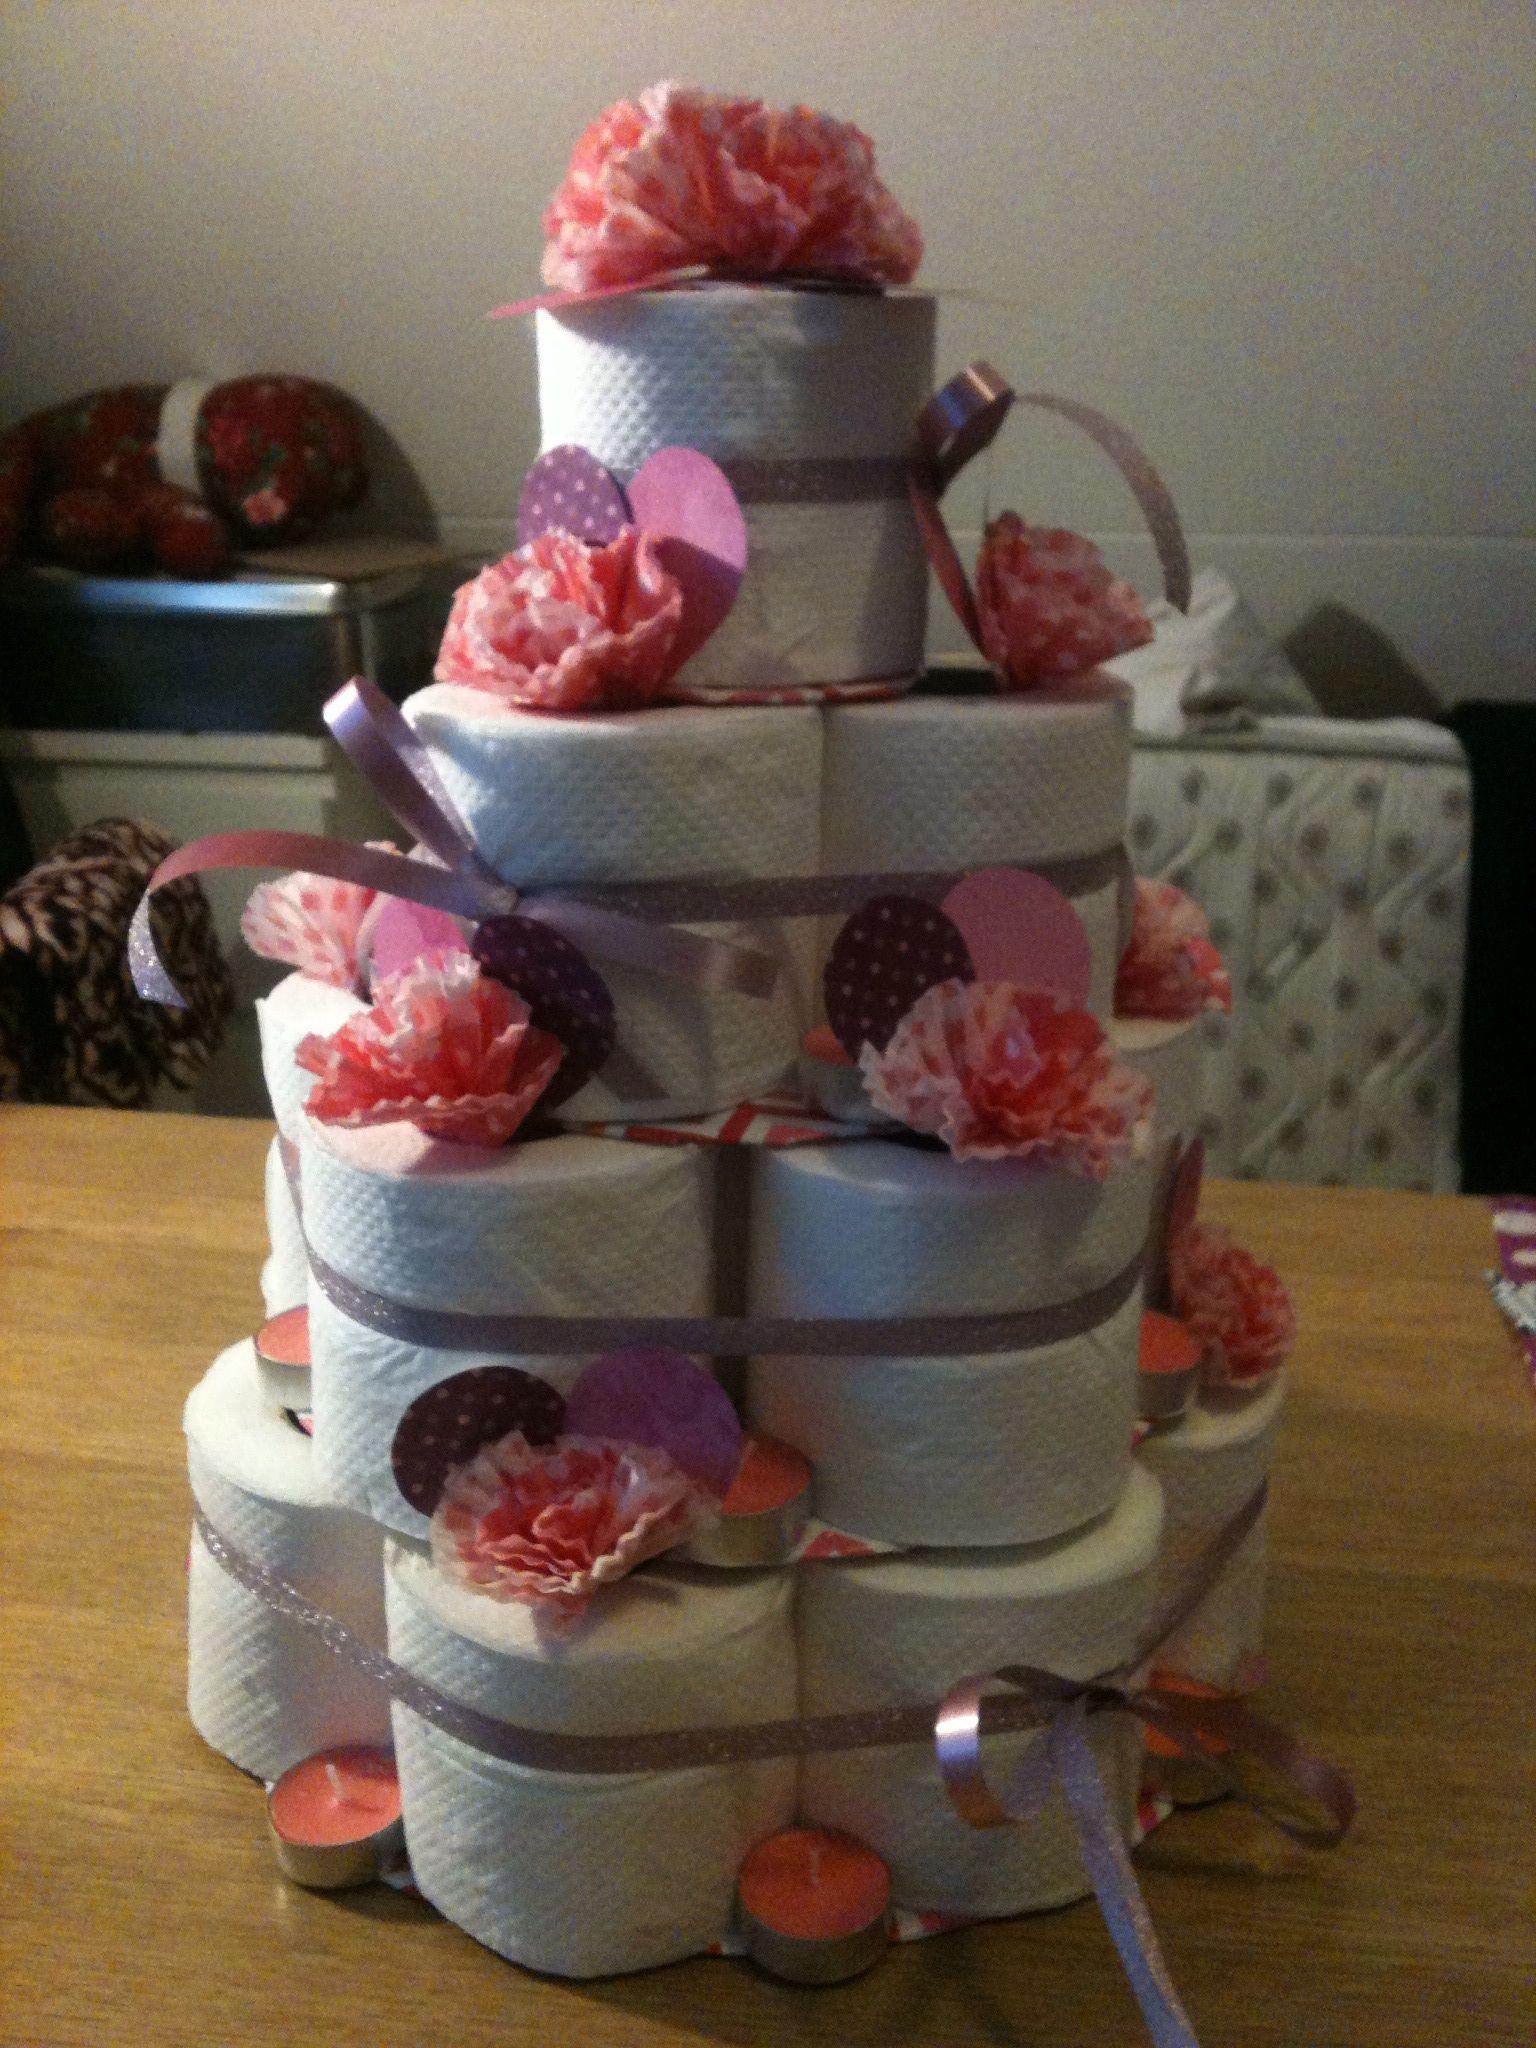 rol taart Wc rol taart voor een bruiloft gemaakt. | Home made | Pinterest rol taart